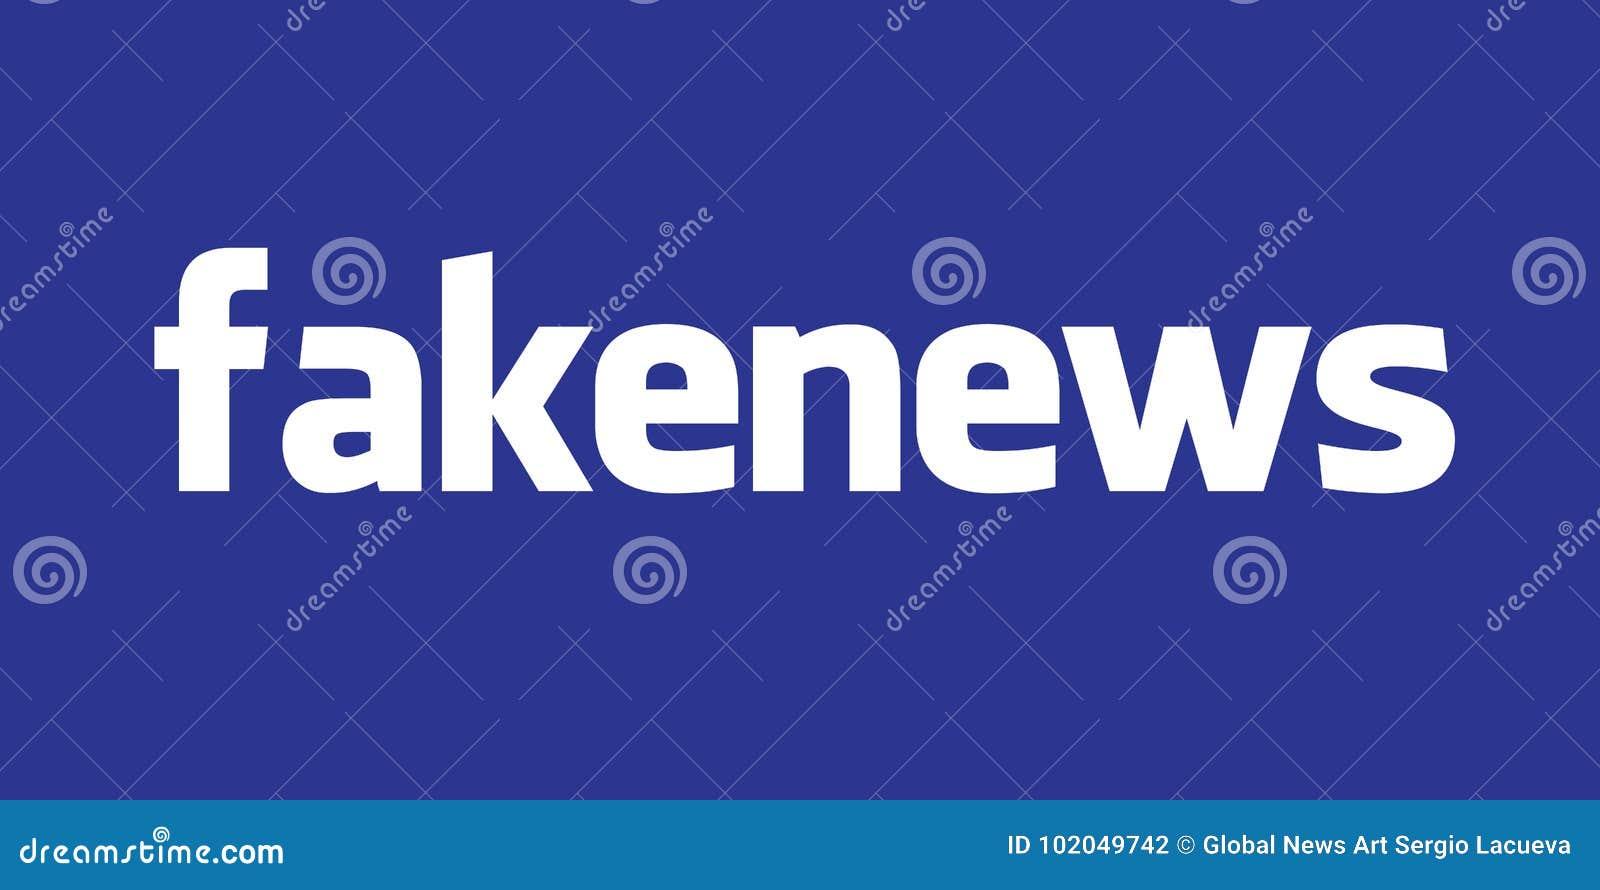 USA, Październik 2017 - Sfałszowany rosjanina Facebook kont dochodzenie kontynuuje